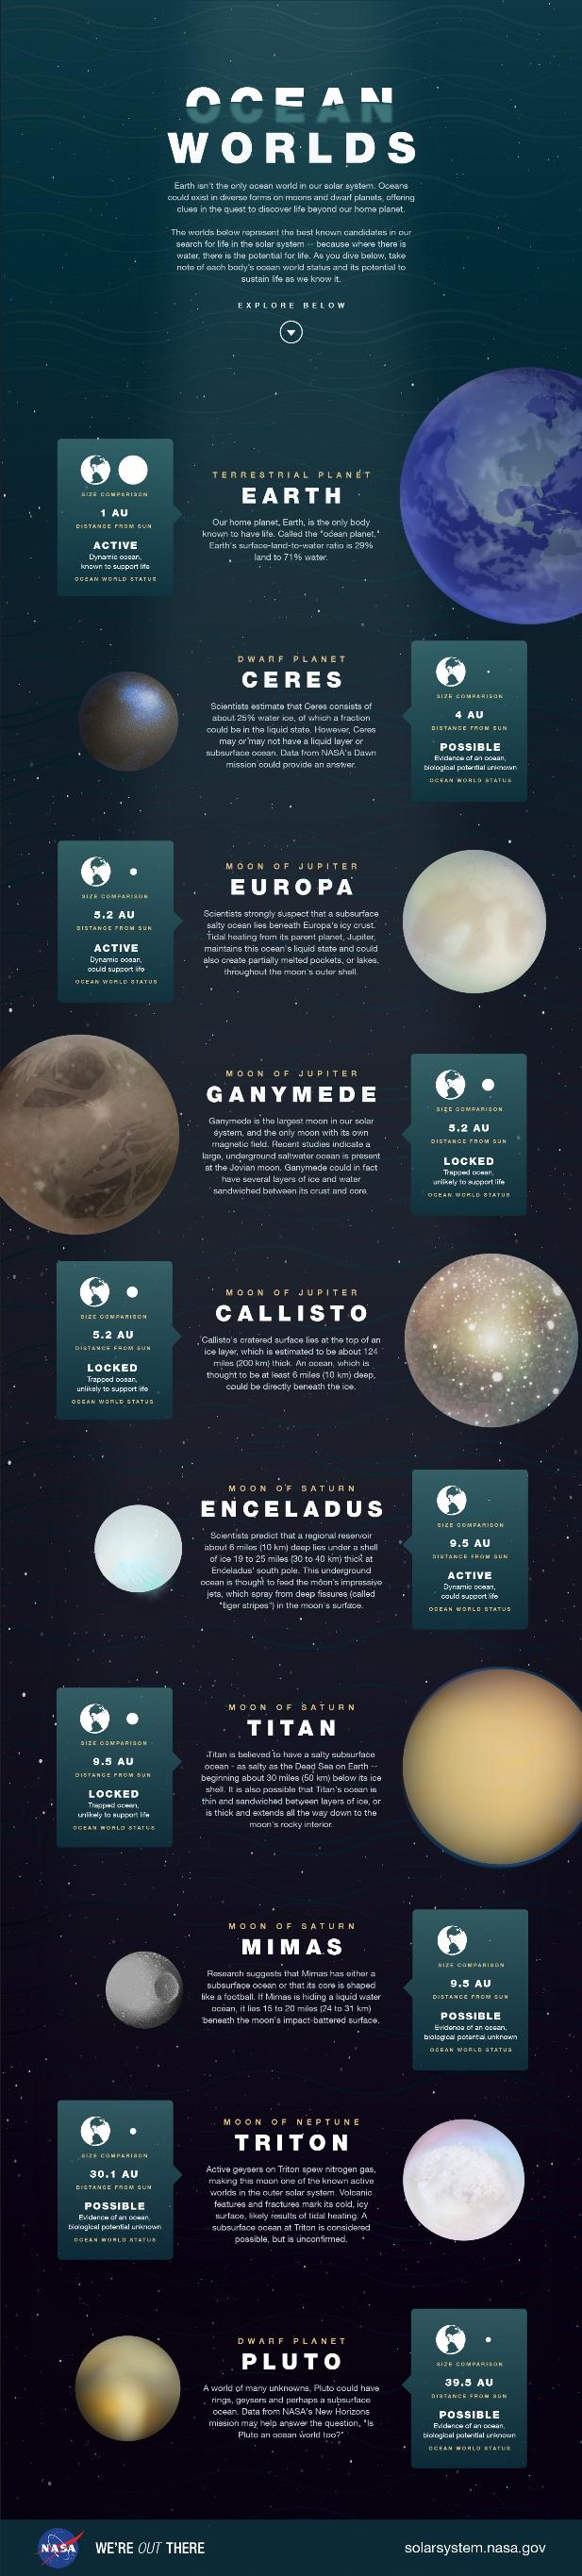 oceanworlds_infographic_full.jpg